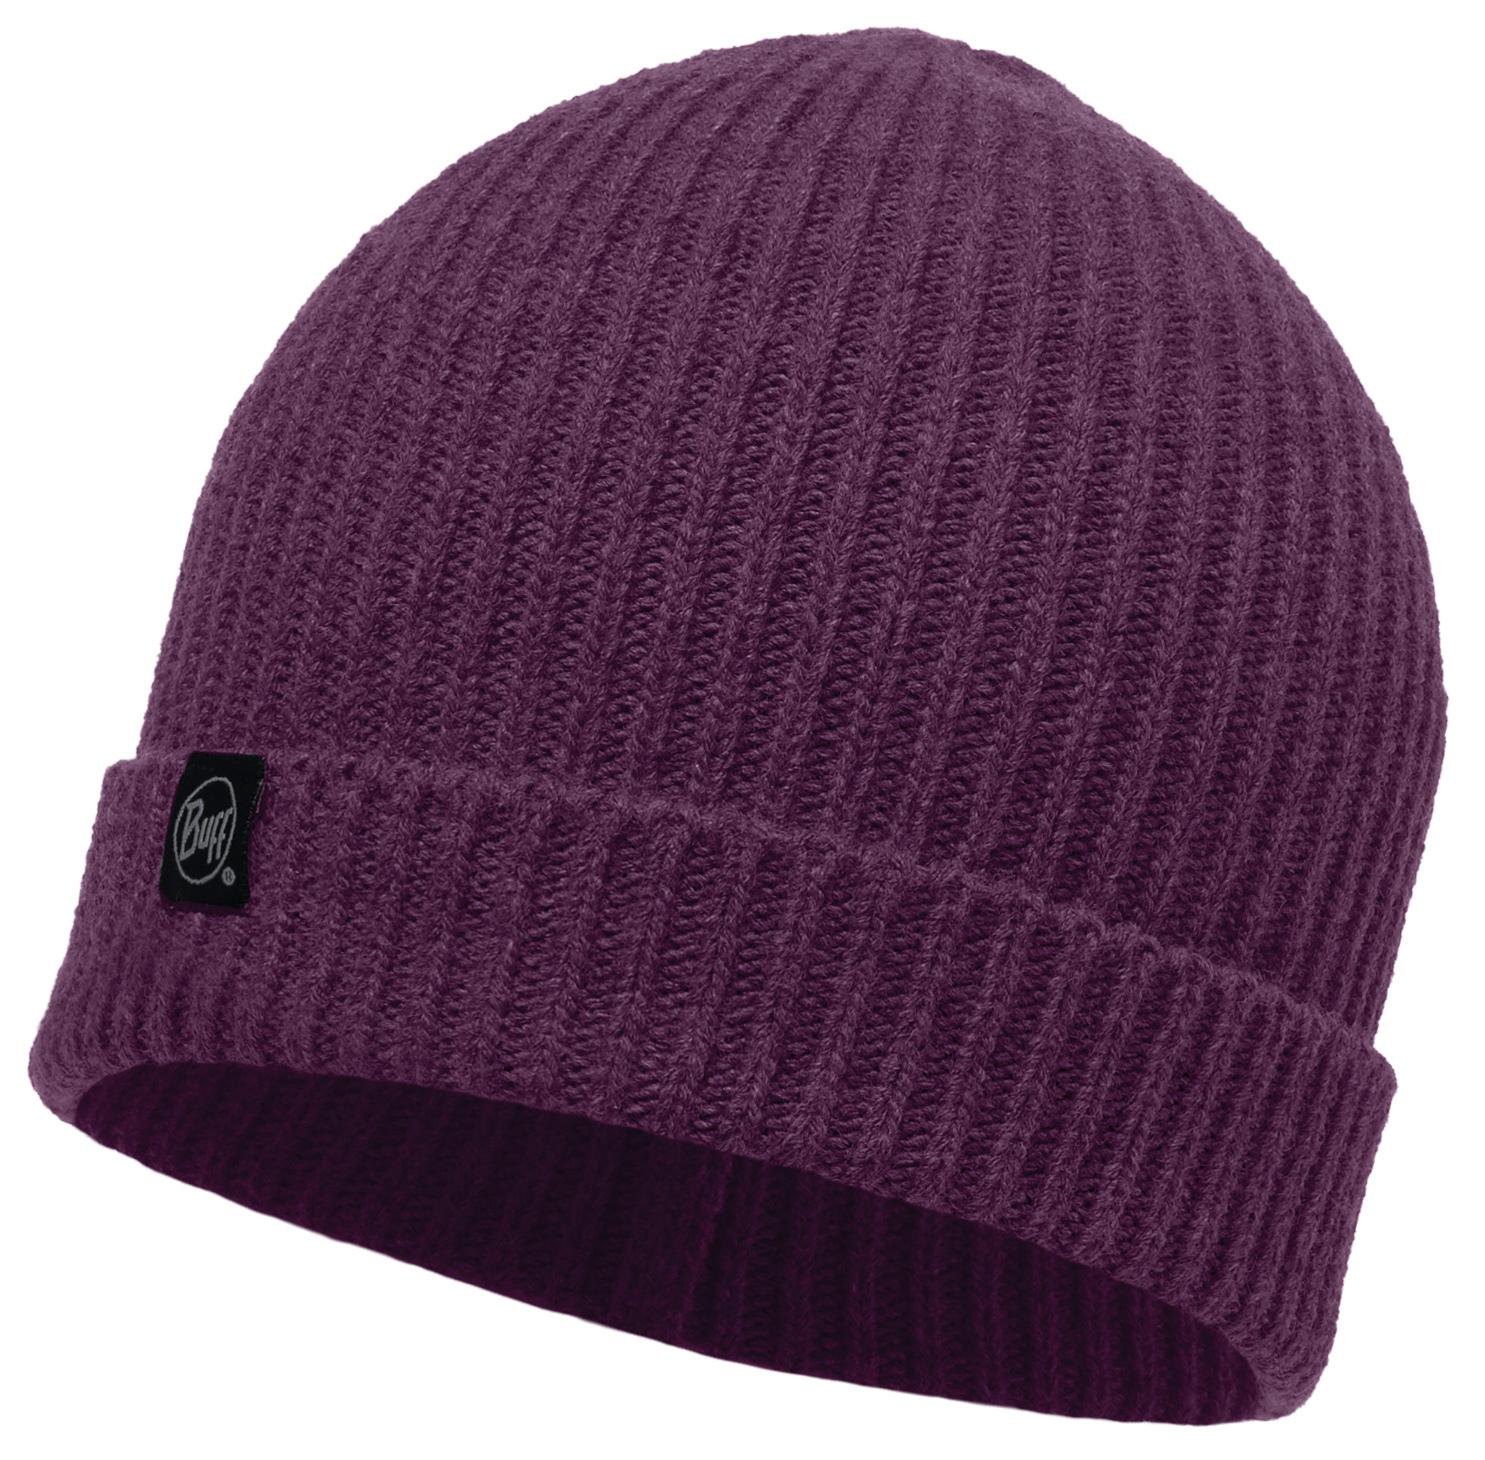 Вязаная шапка Buff Basic Blackberry